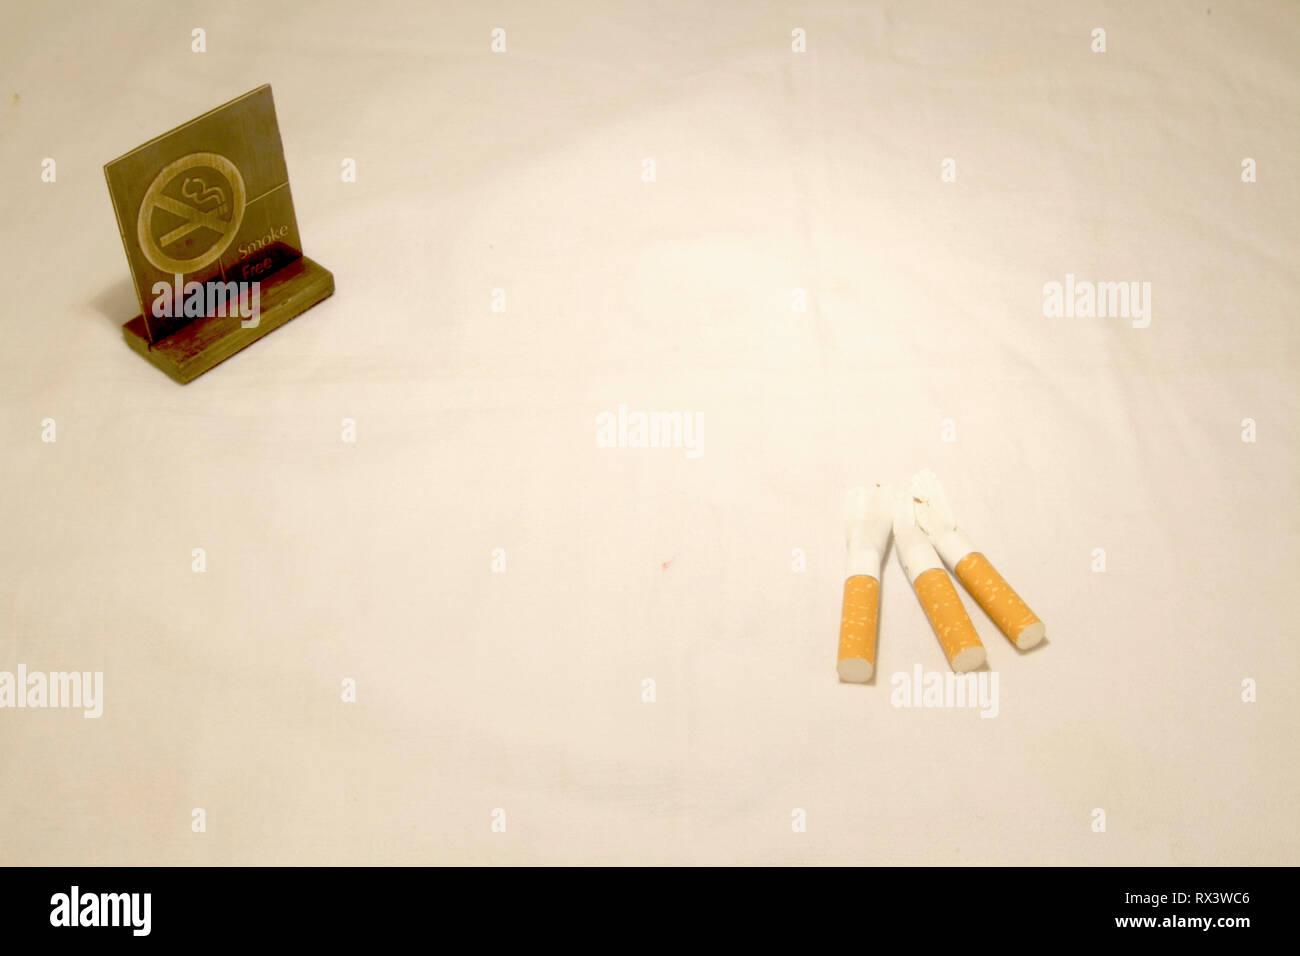 Dubai-No rauchen Metall Tag mit Zigaretten auf dem Tisch 8 Stockbild